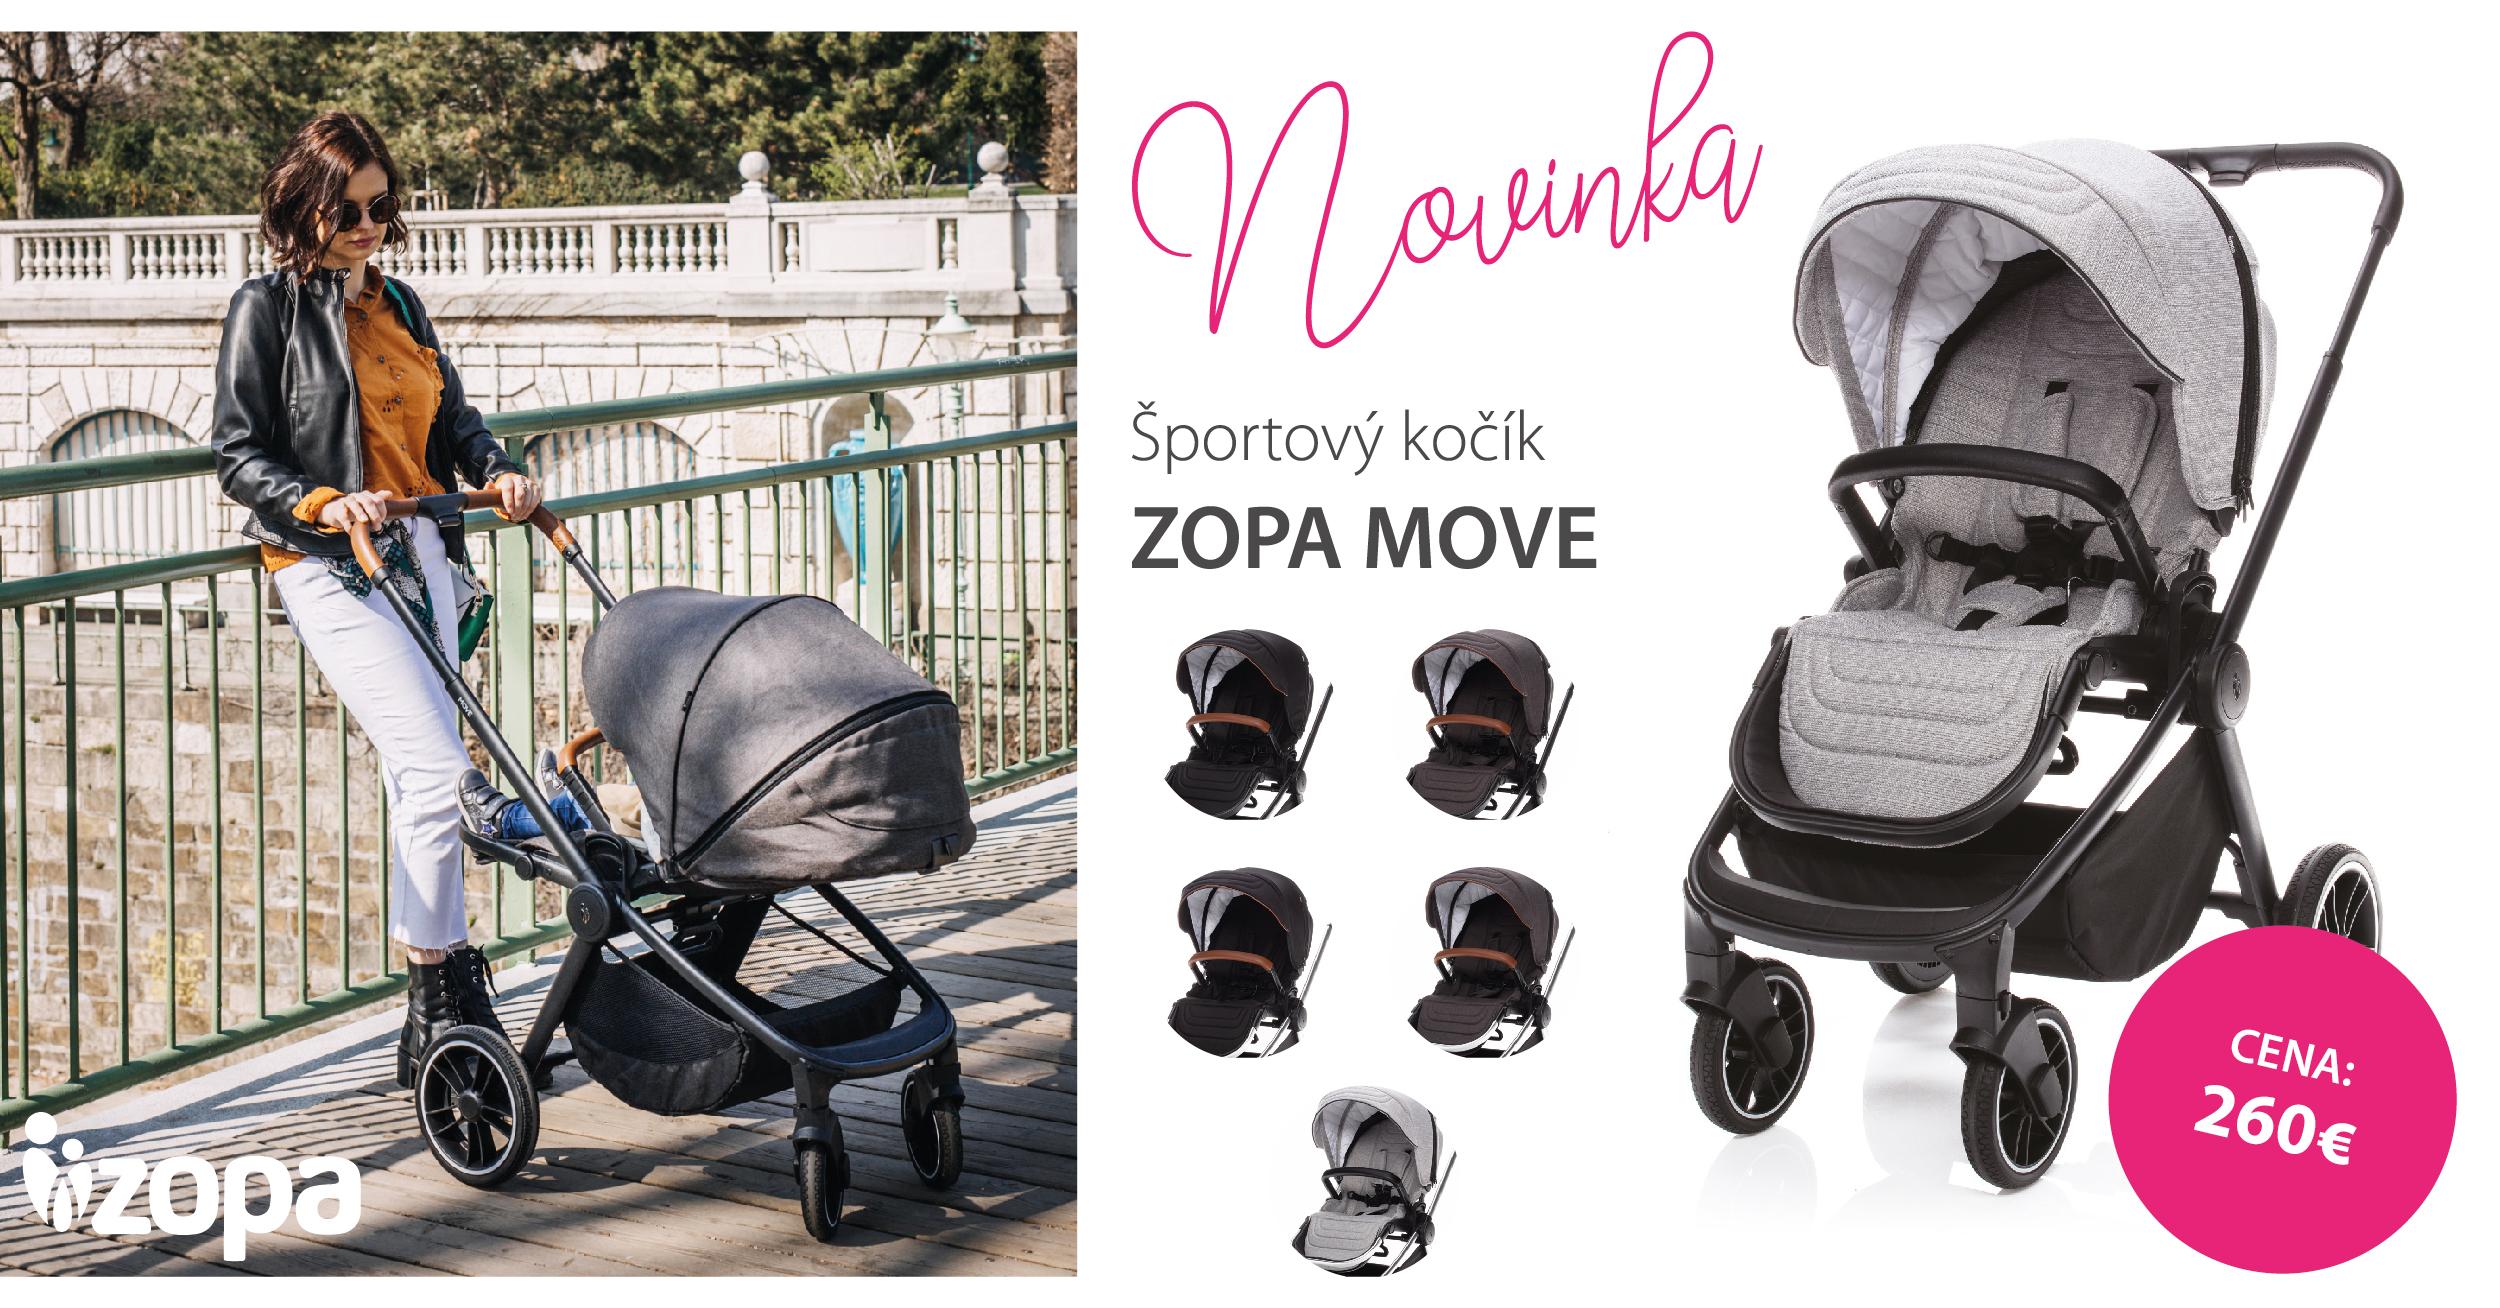 Zopa Move